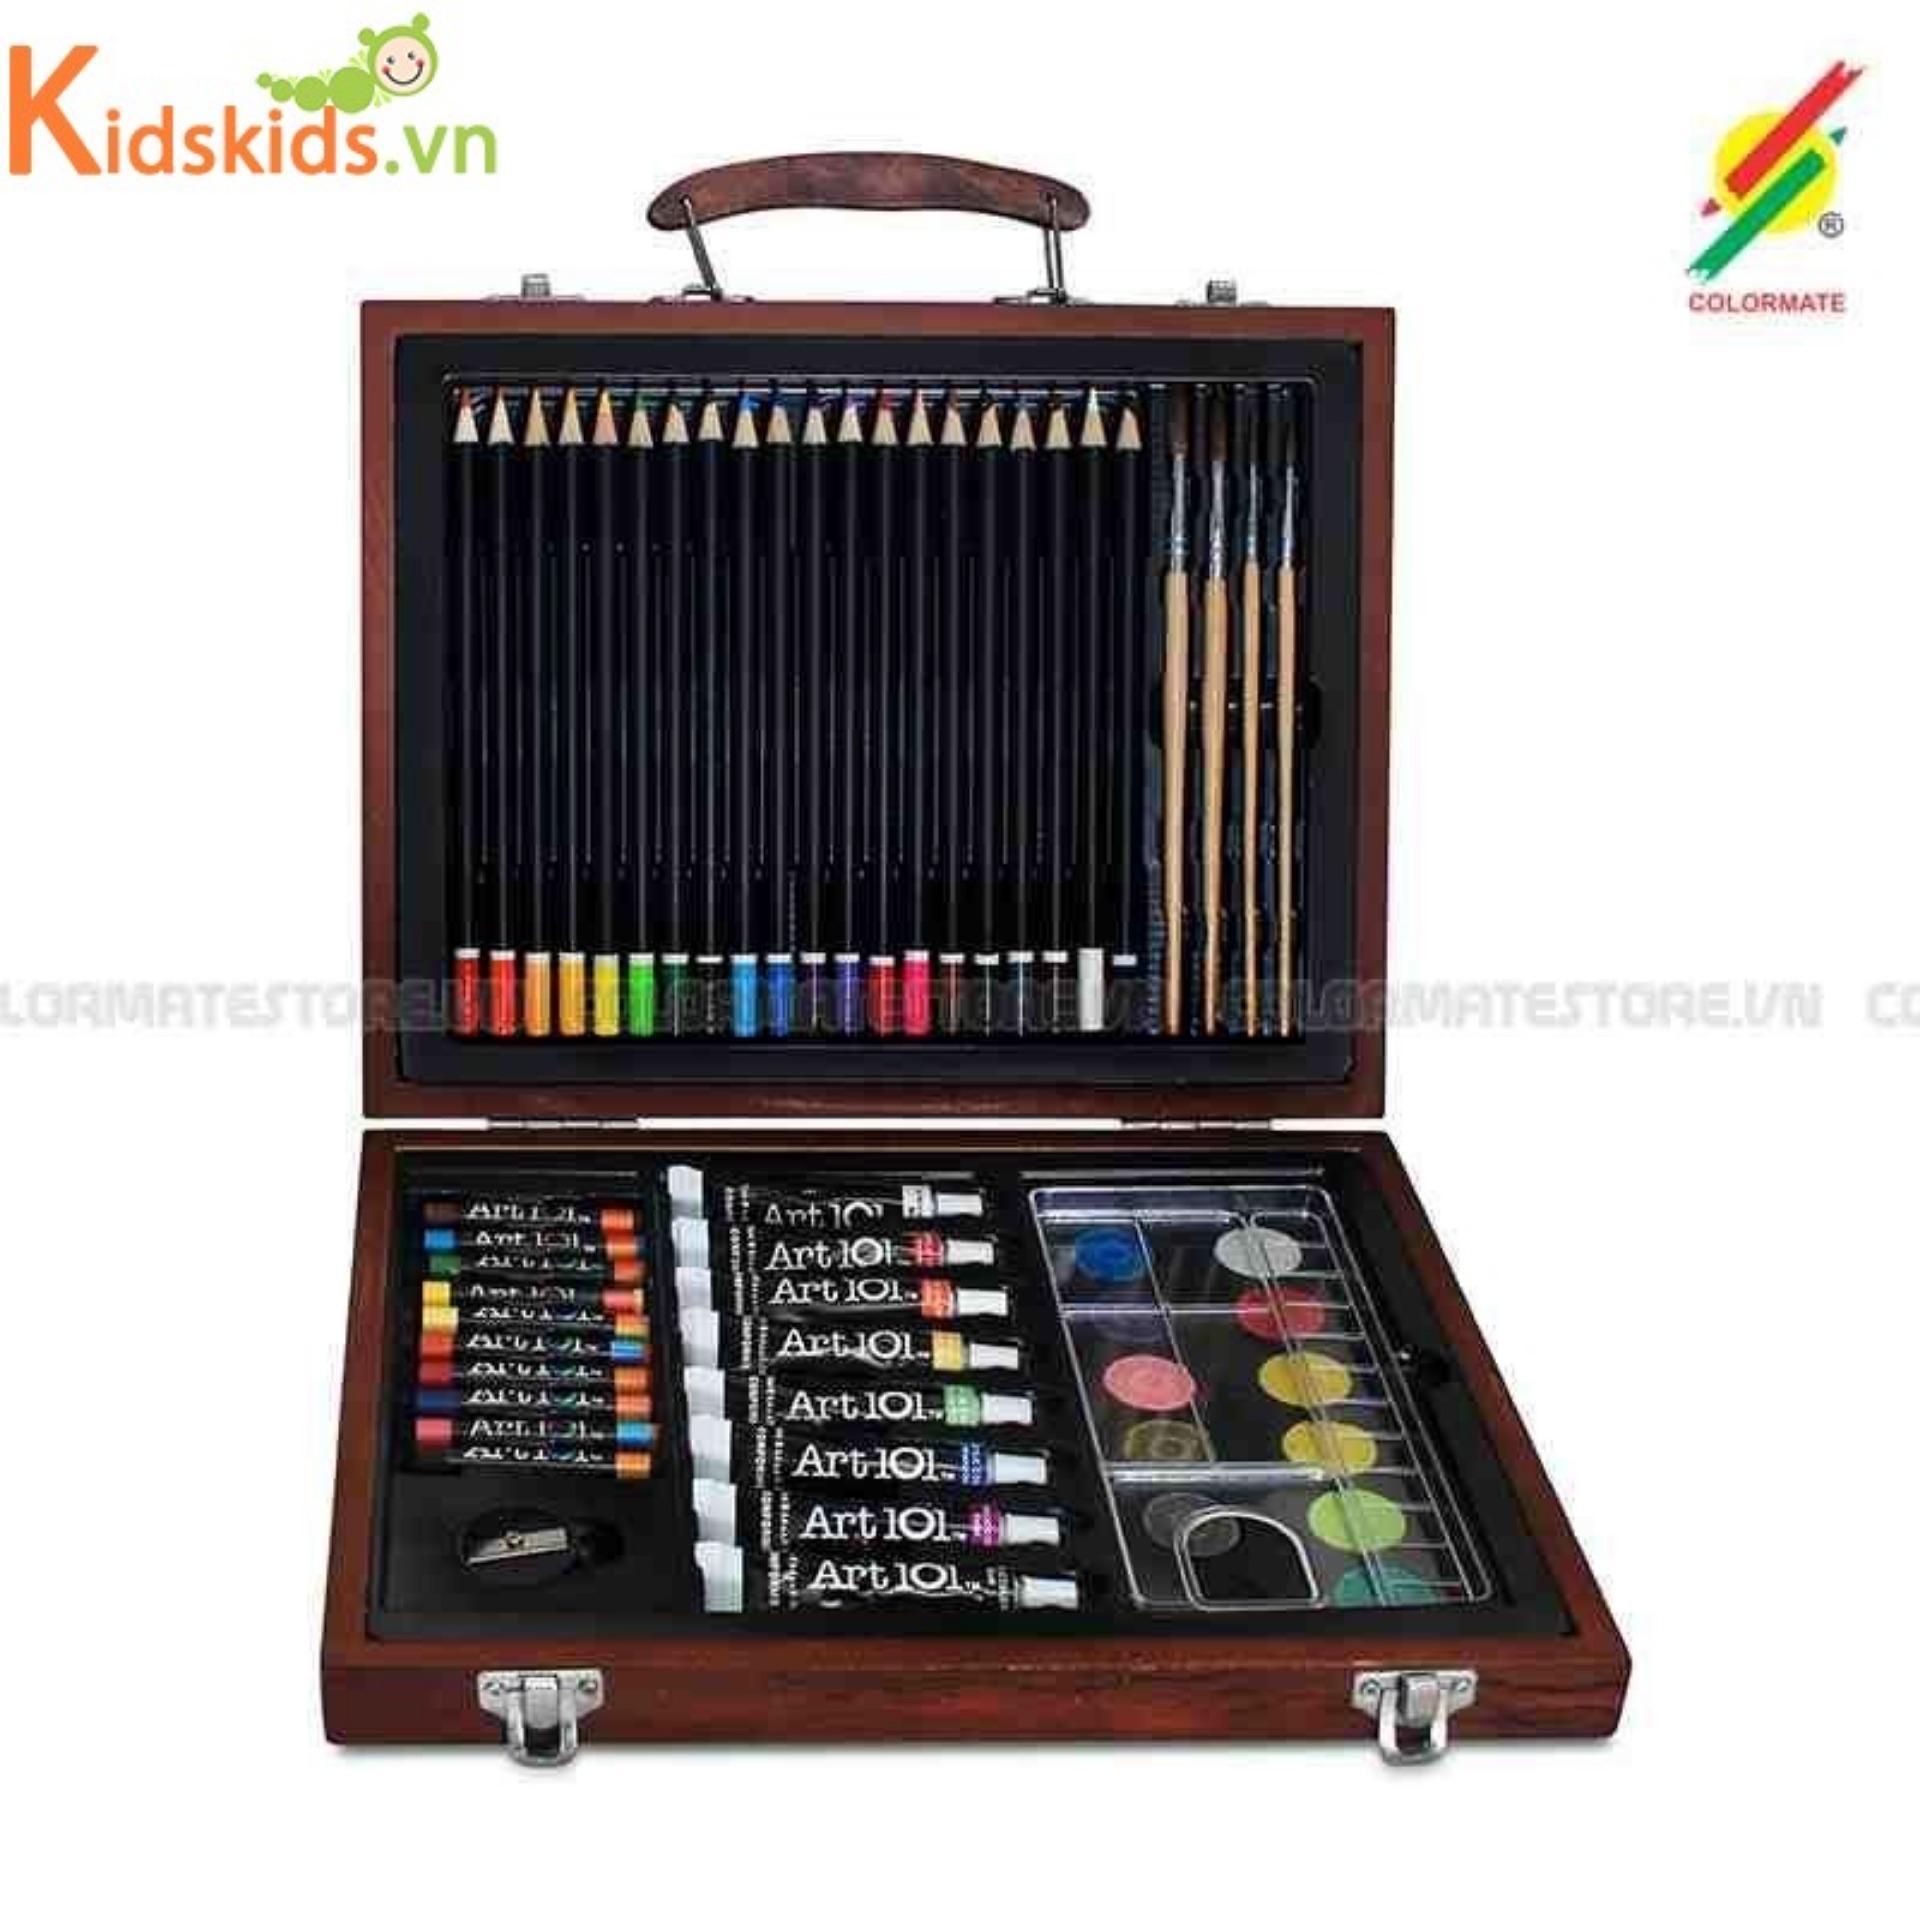 Hình ảnh Bút màu hộp gỗ M 58 Colormate